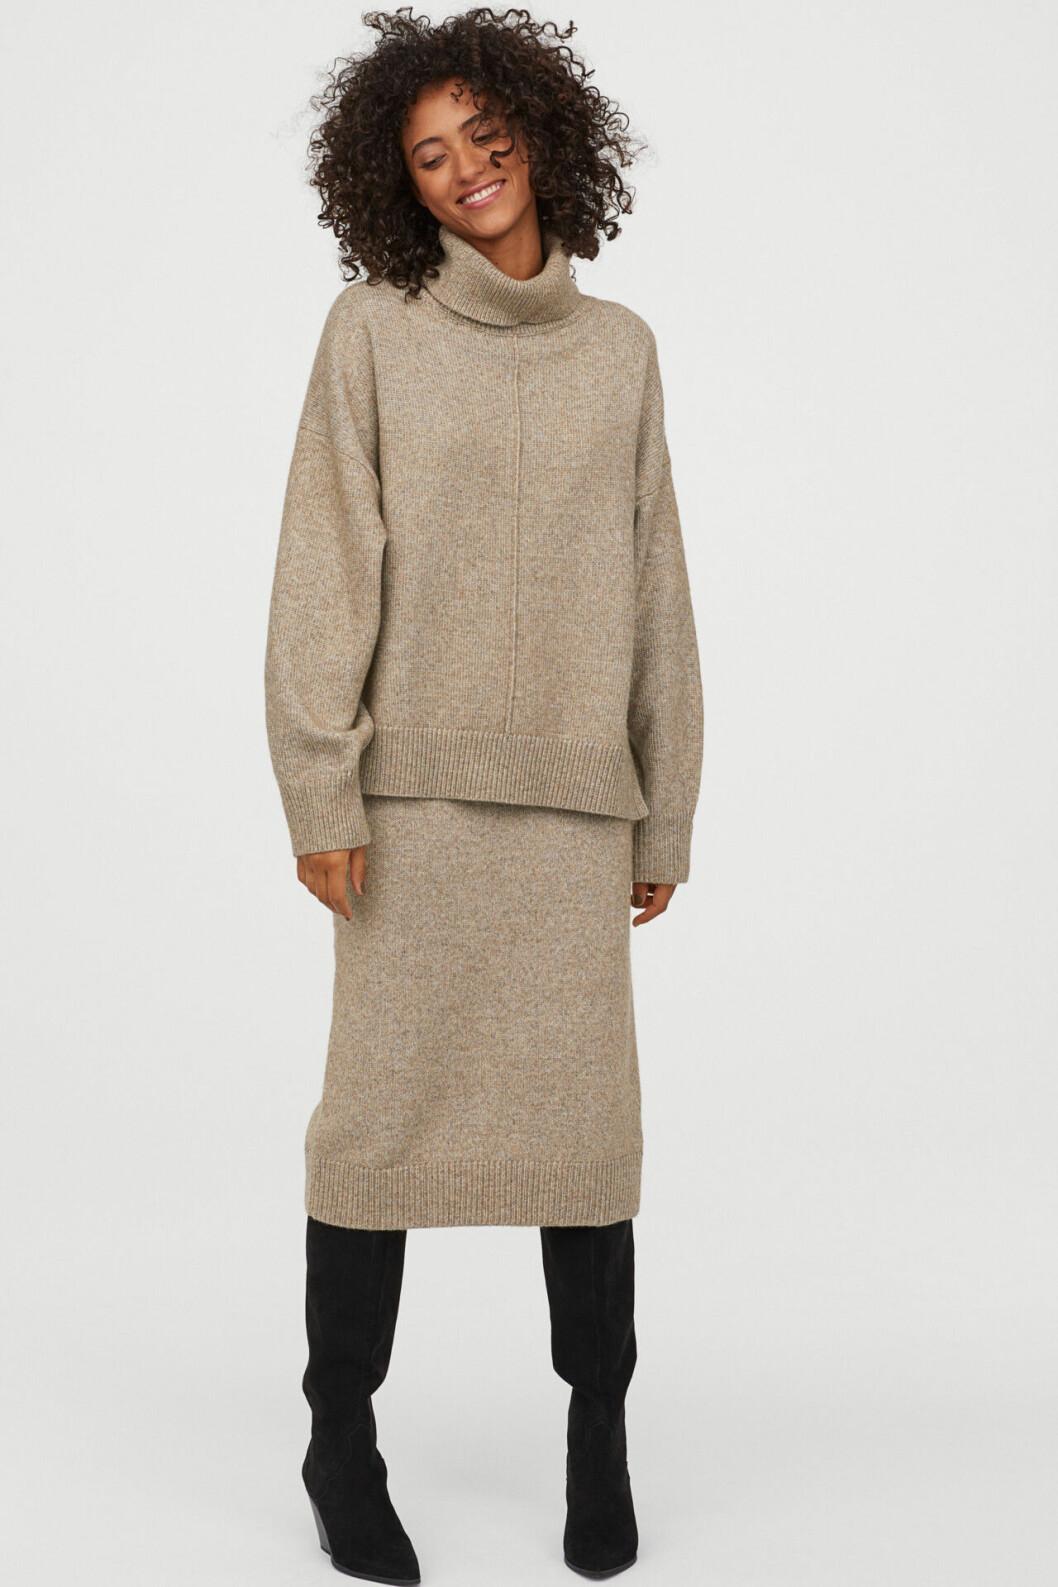 Beige stickad kjol för dam till hösten 2019 från H&M